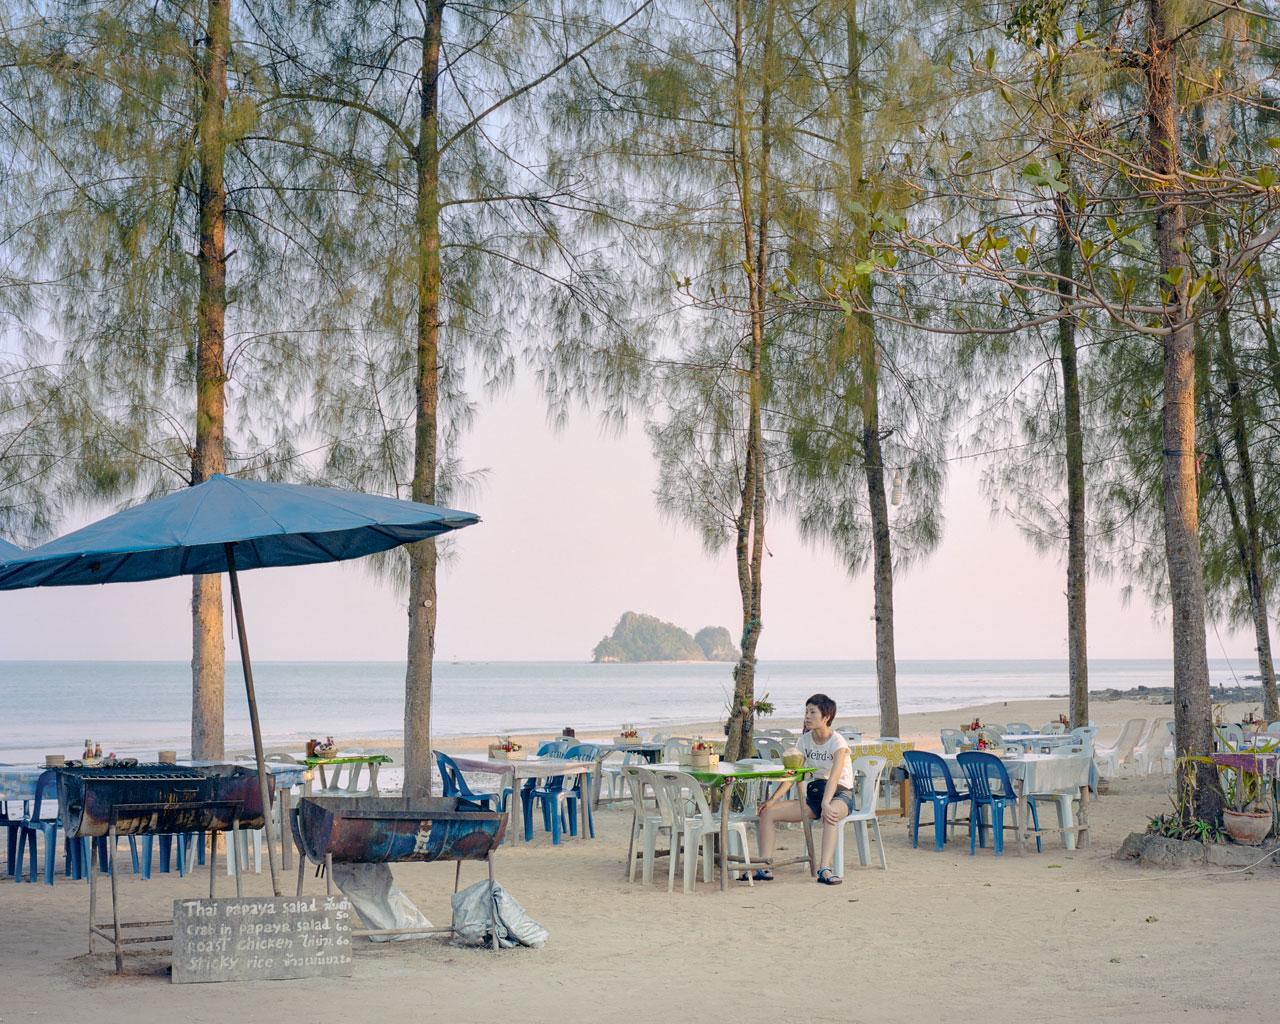 Coconut, Ko Yao Noi, Thailand - Photo by Ákos Major